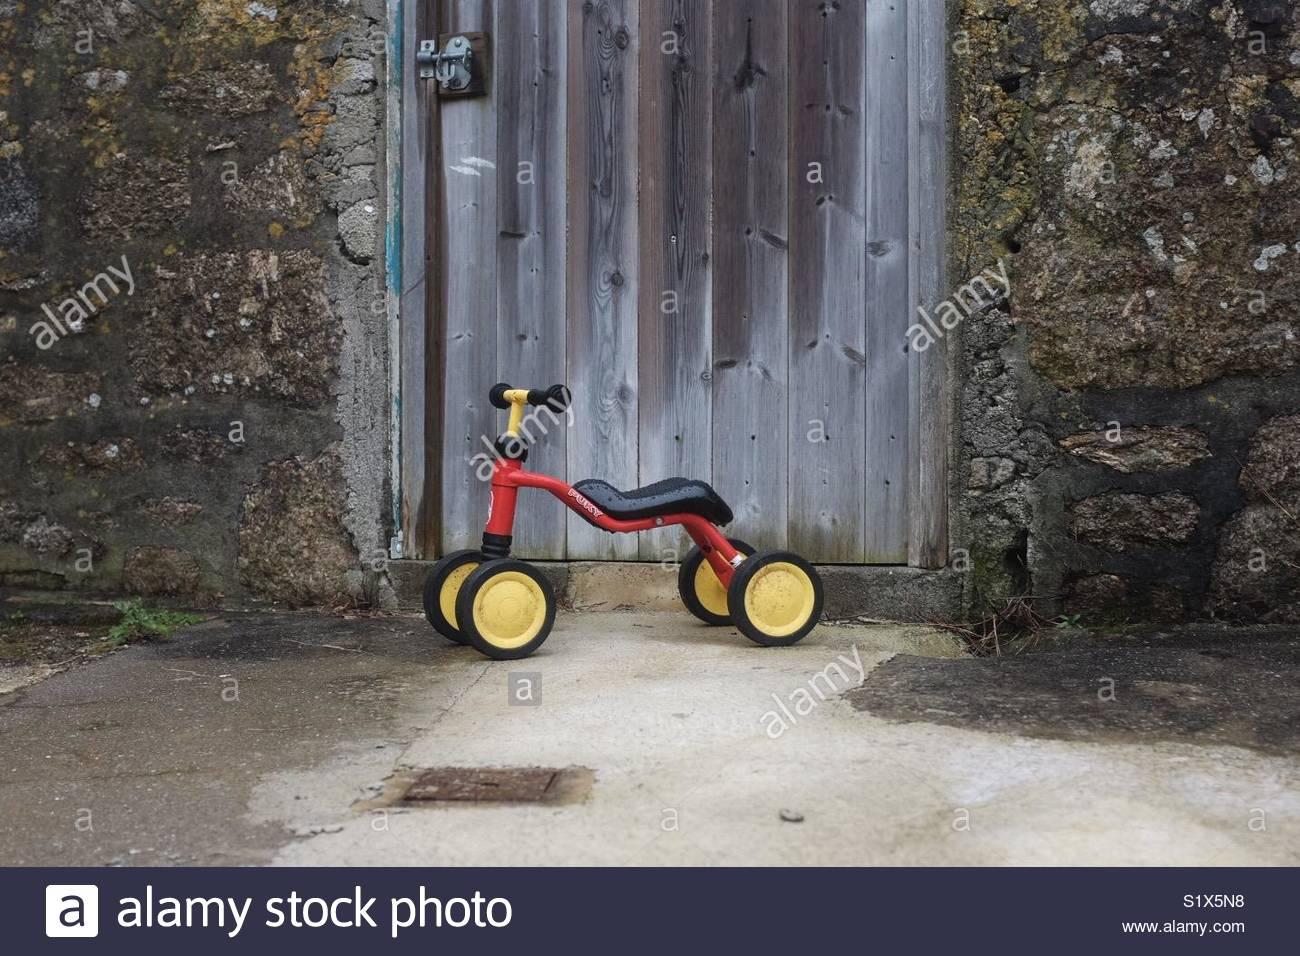 Triciclo del niño contra la puerta del granero erosionados rodeados por pared desgastada Imagen De Stock